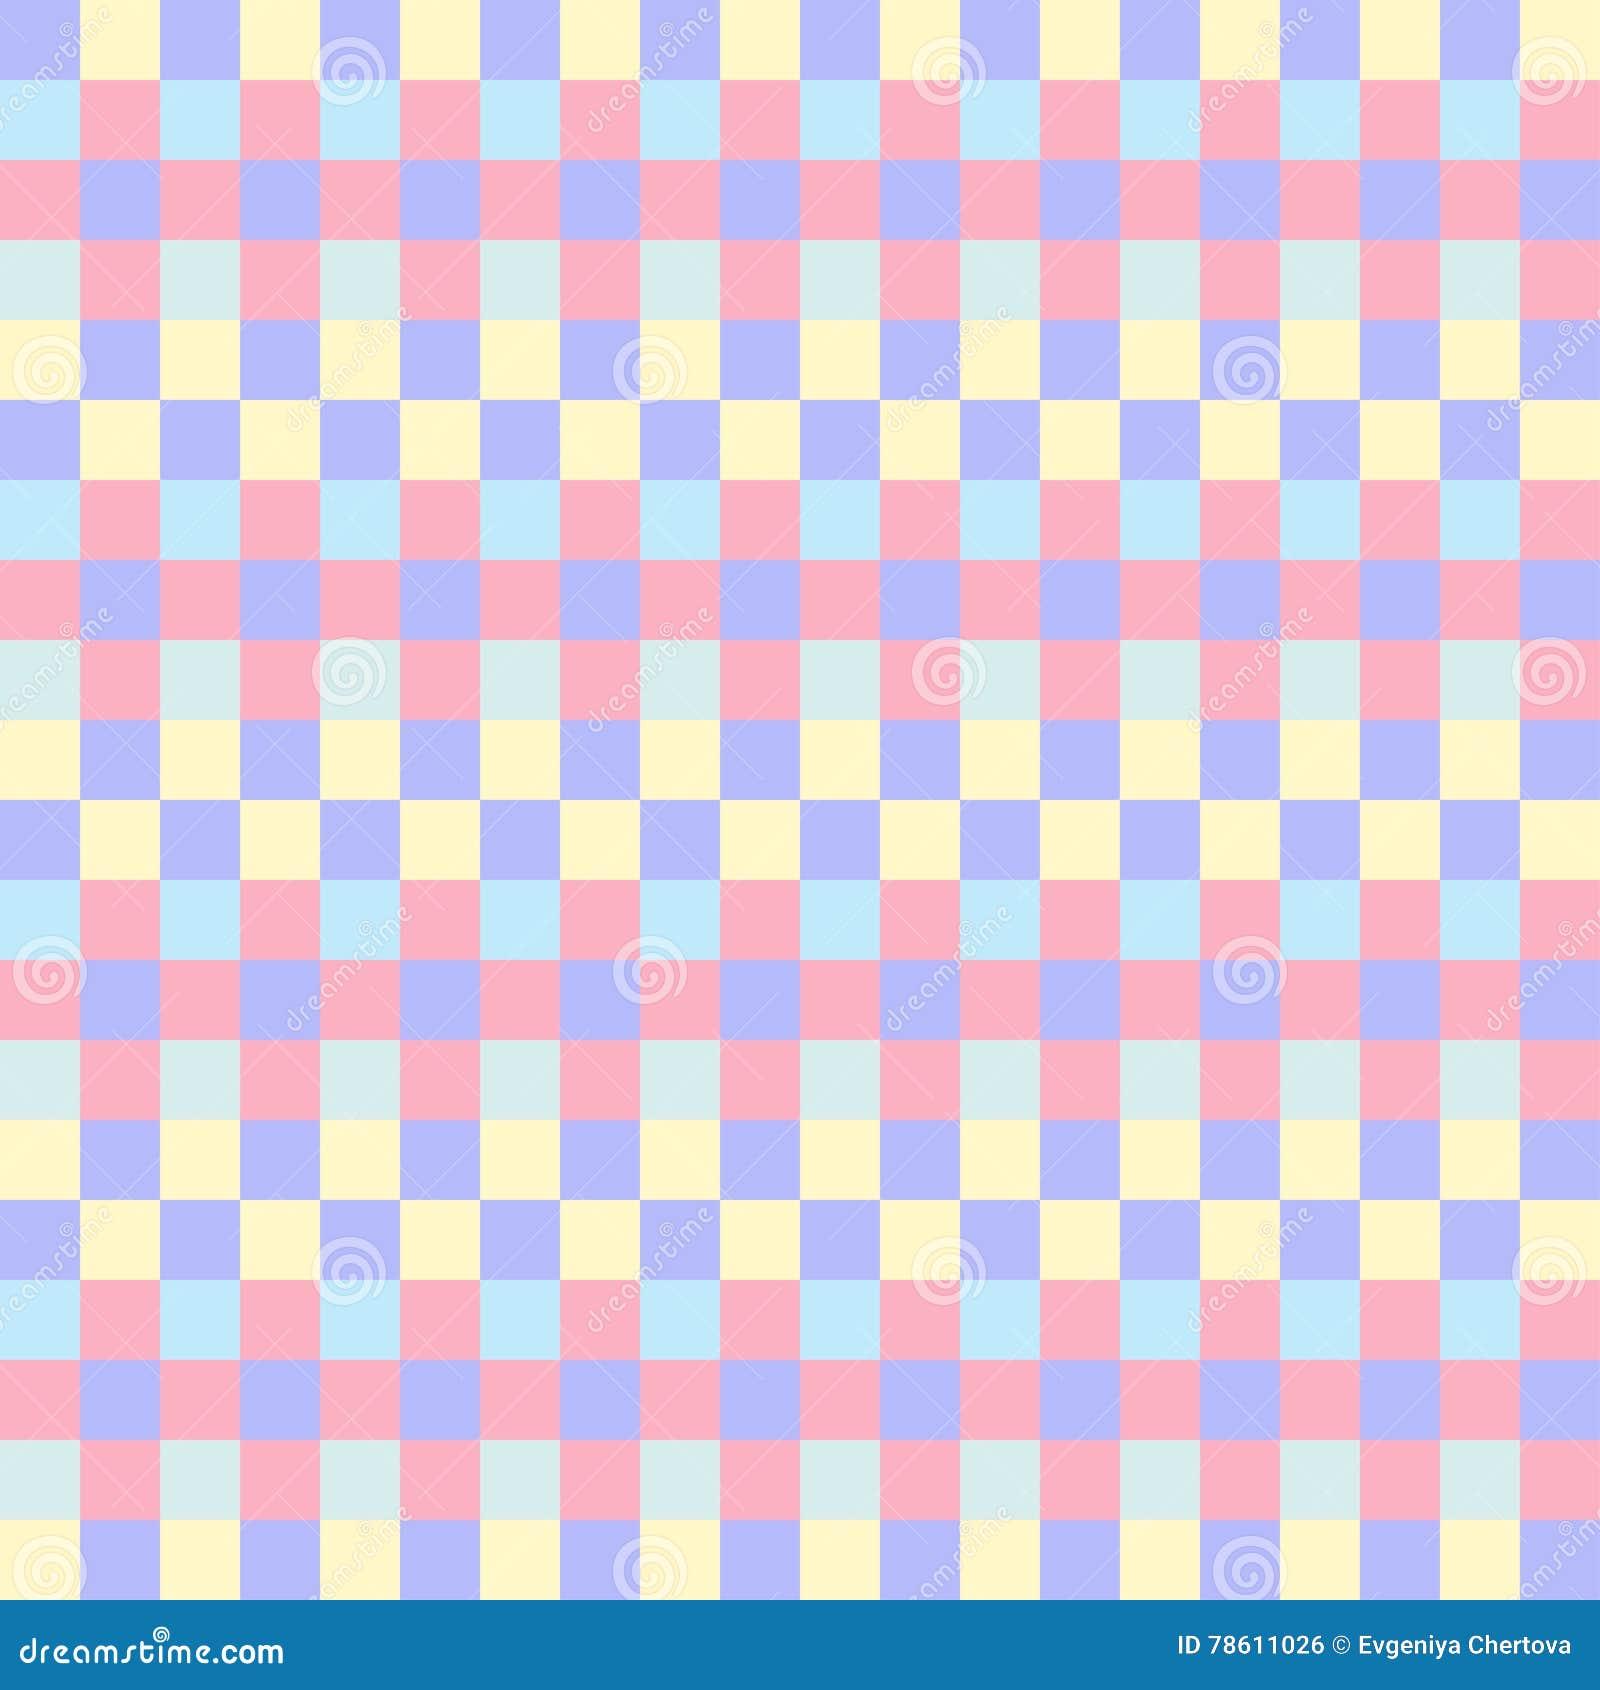 Cuadros diseo diseo de cuadros en blanco negro y grisdiseo ajedrezado foto de stock libre - Cuadros de colores ...